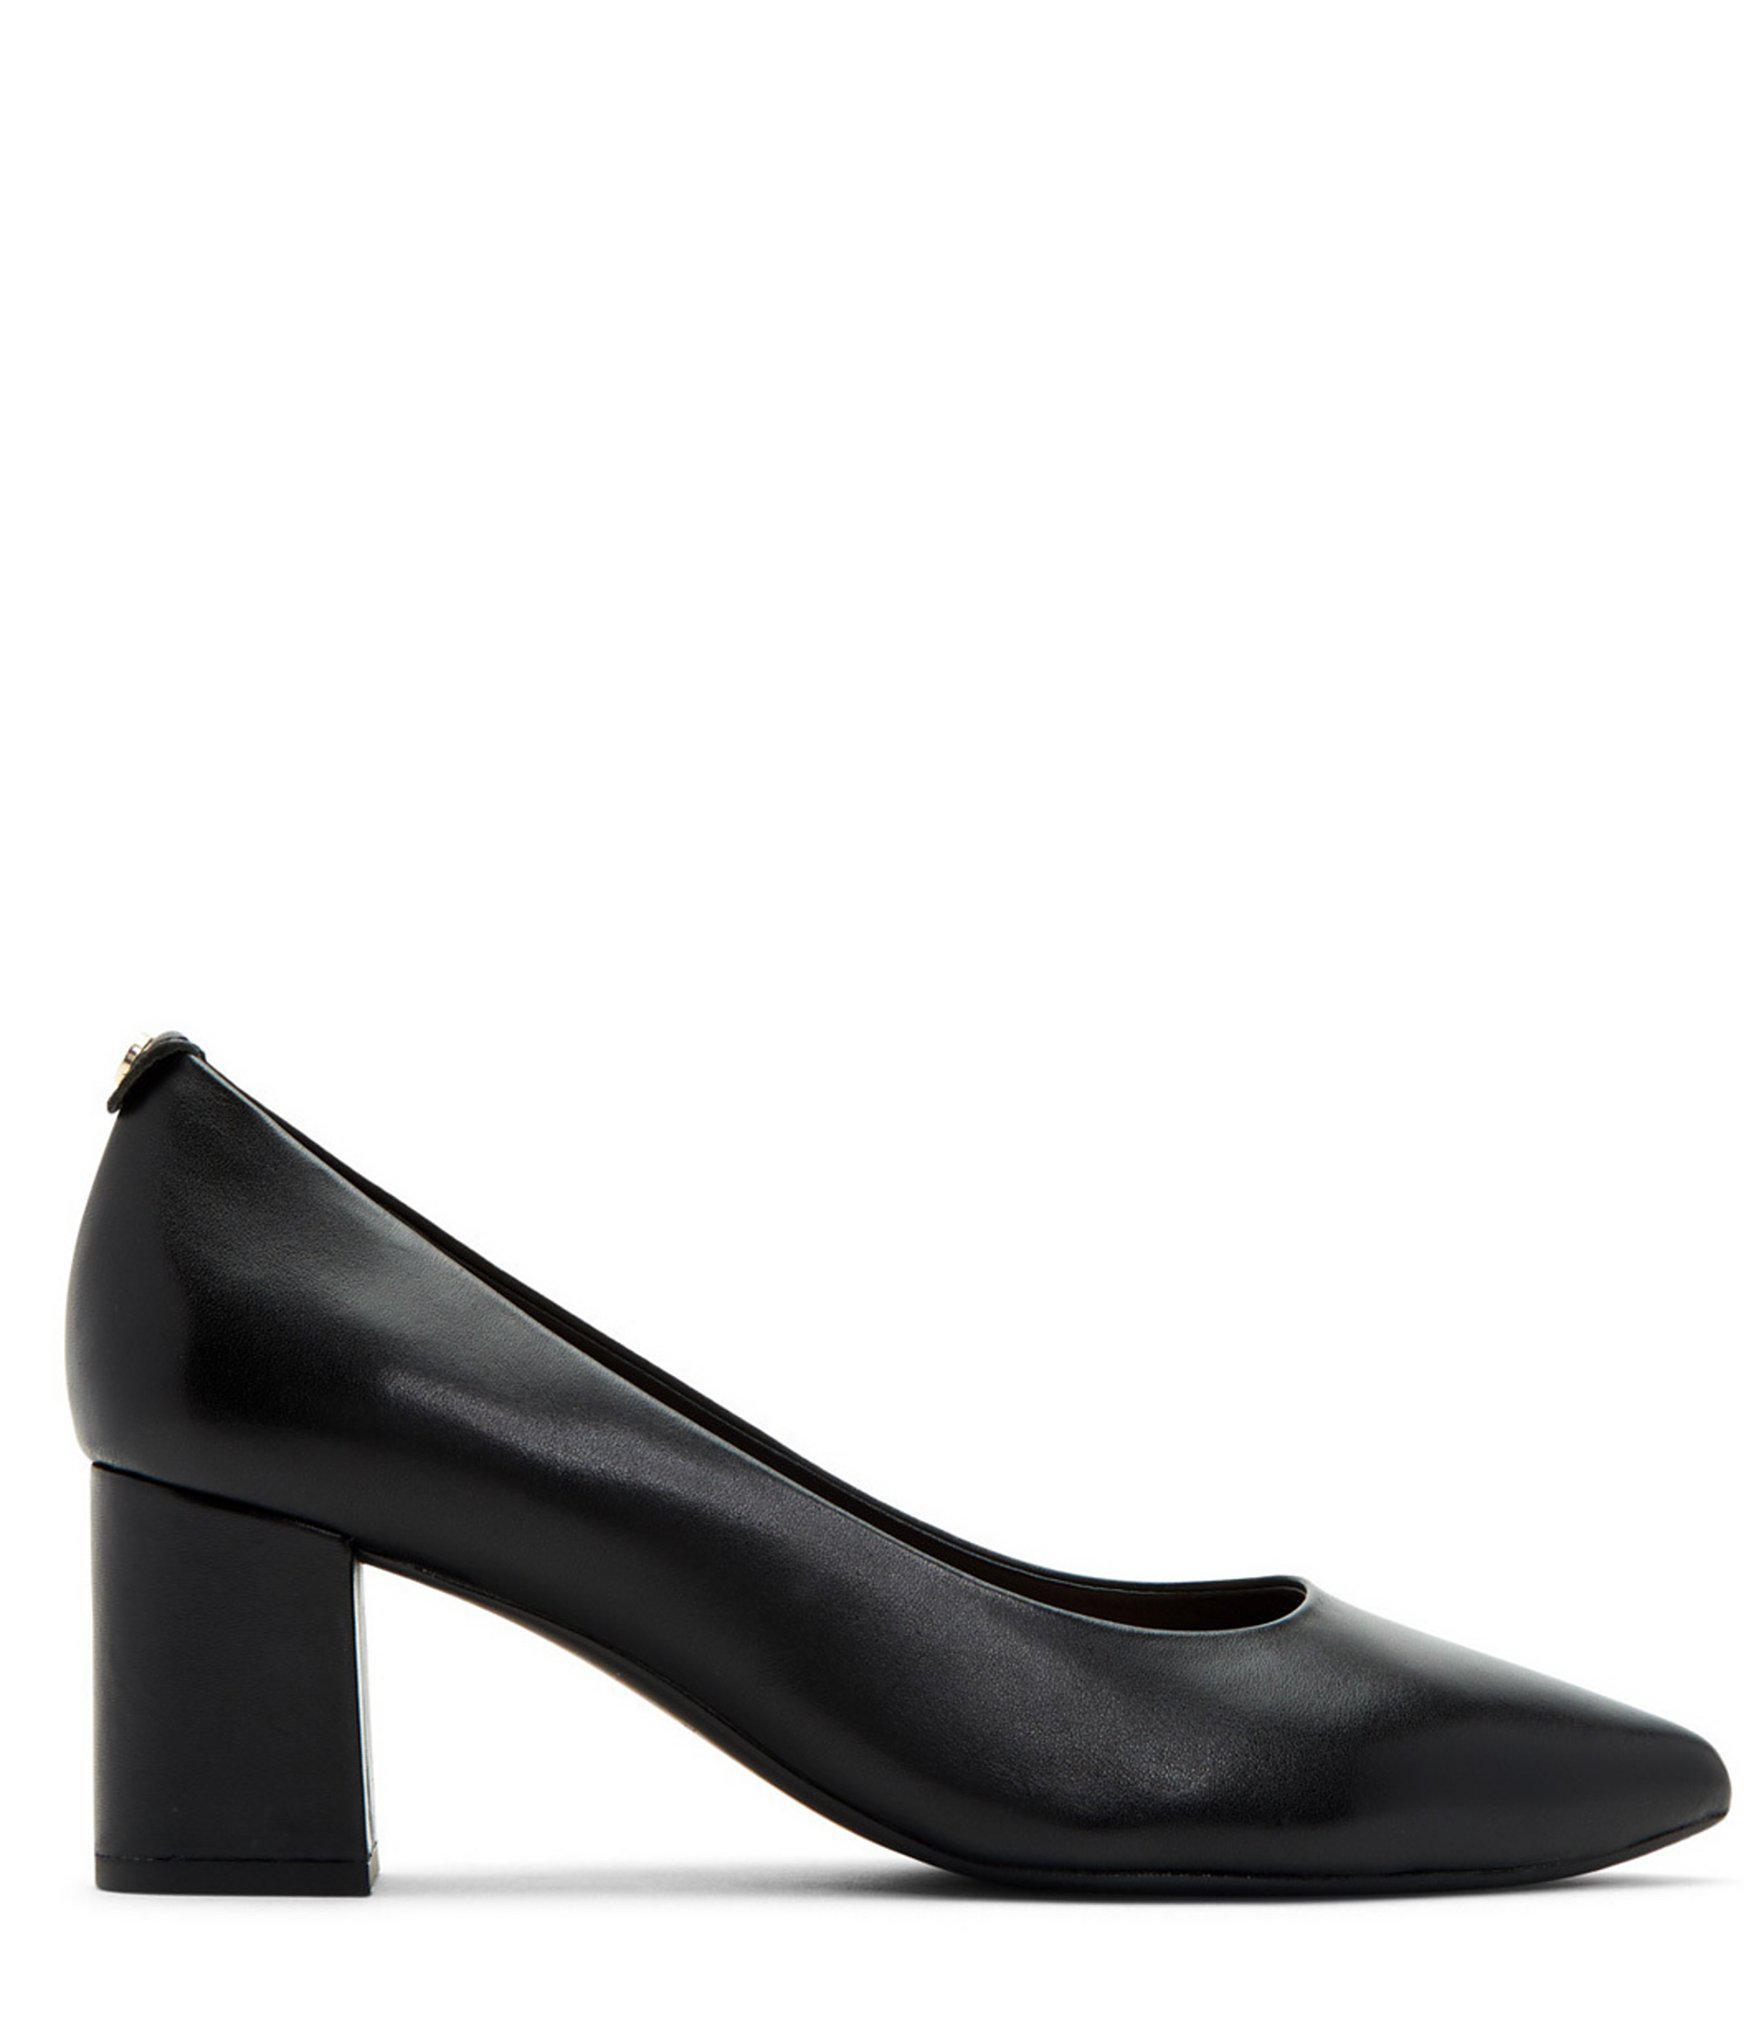 fb855db5067fd Taryn Rose - Black Madline Block Heel Pumps - Lyst. View fullscreen